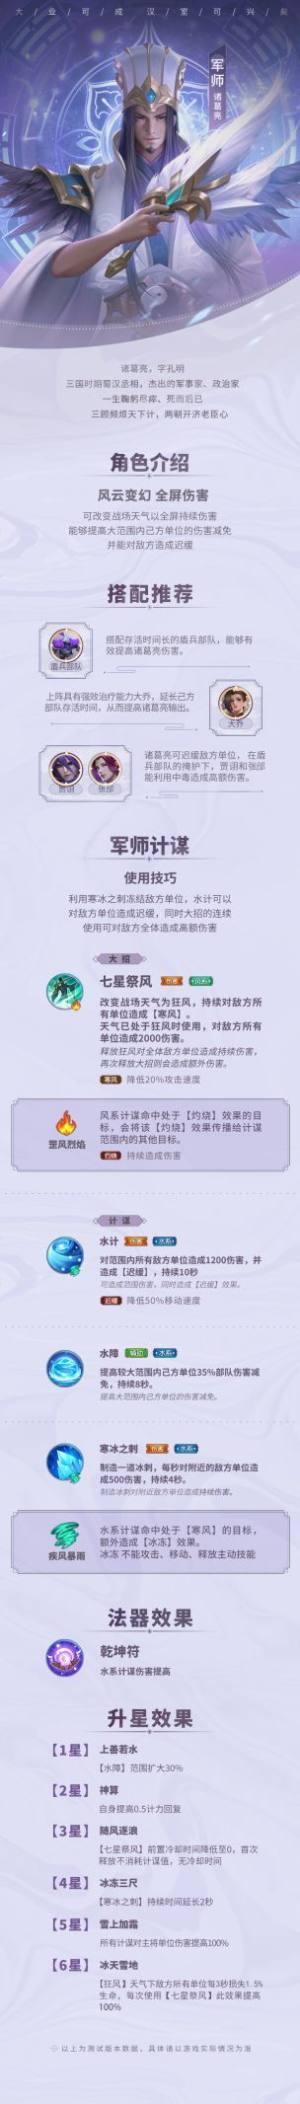 少年三国志零诸葛亮阵容搭配推荐:诸葛亮玩法攻略图片2